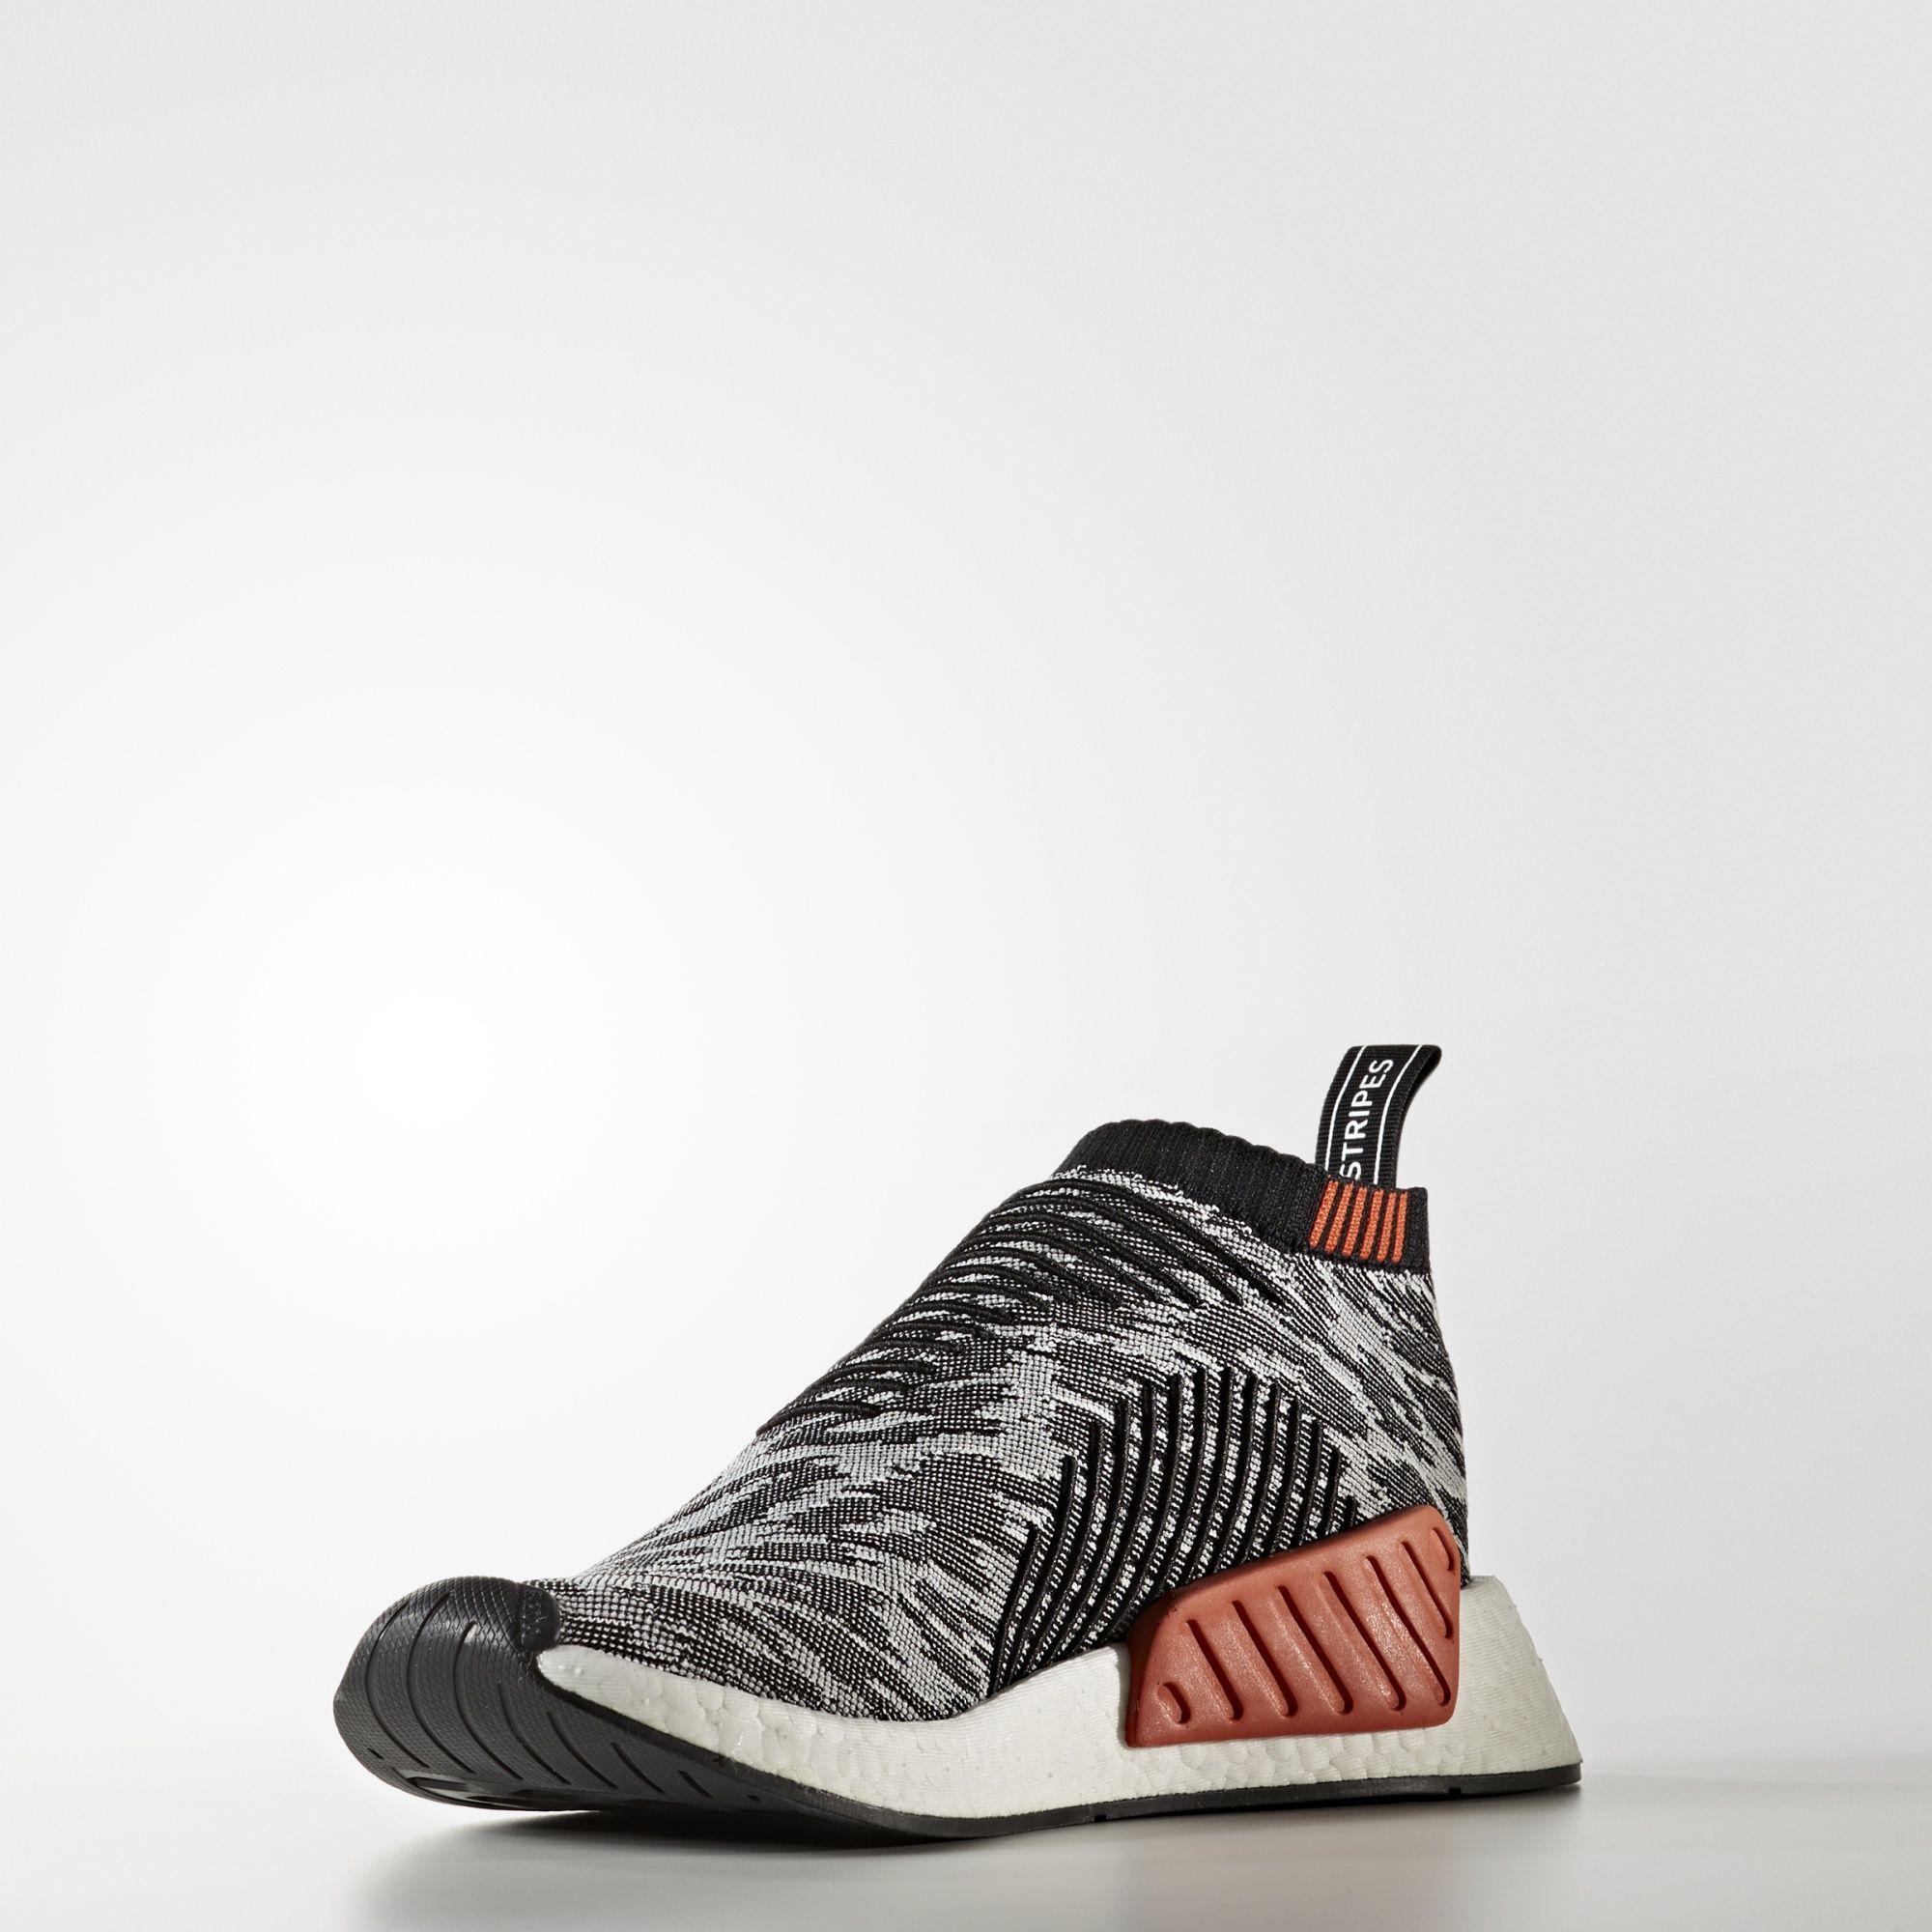 17db238a8 adidas NMD CS2 Primeknit Grey Glitch